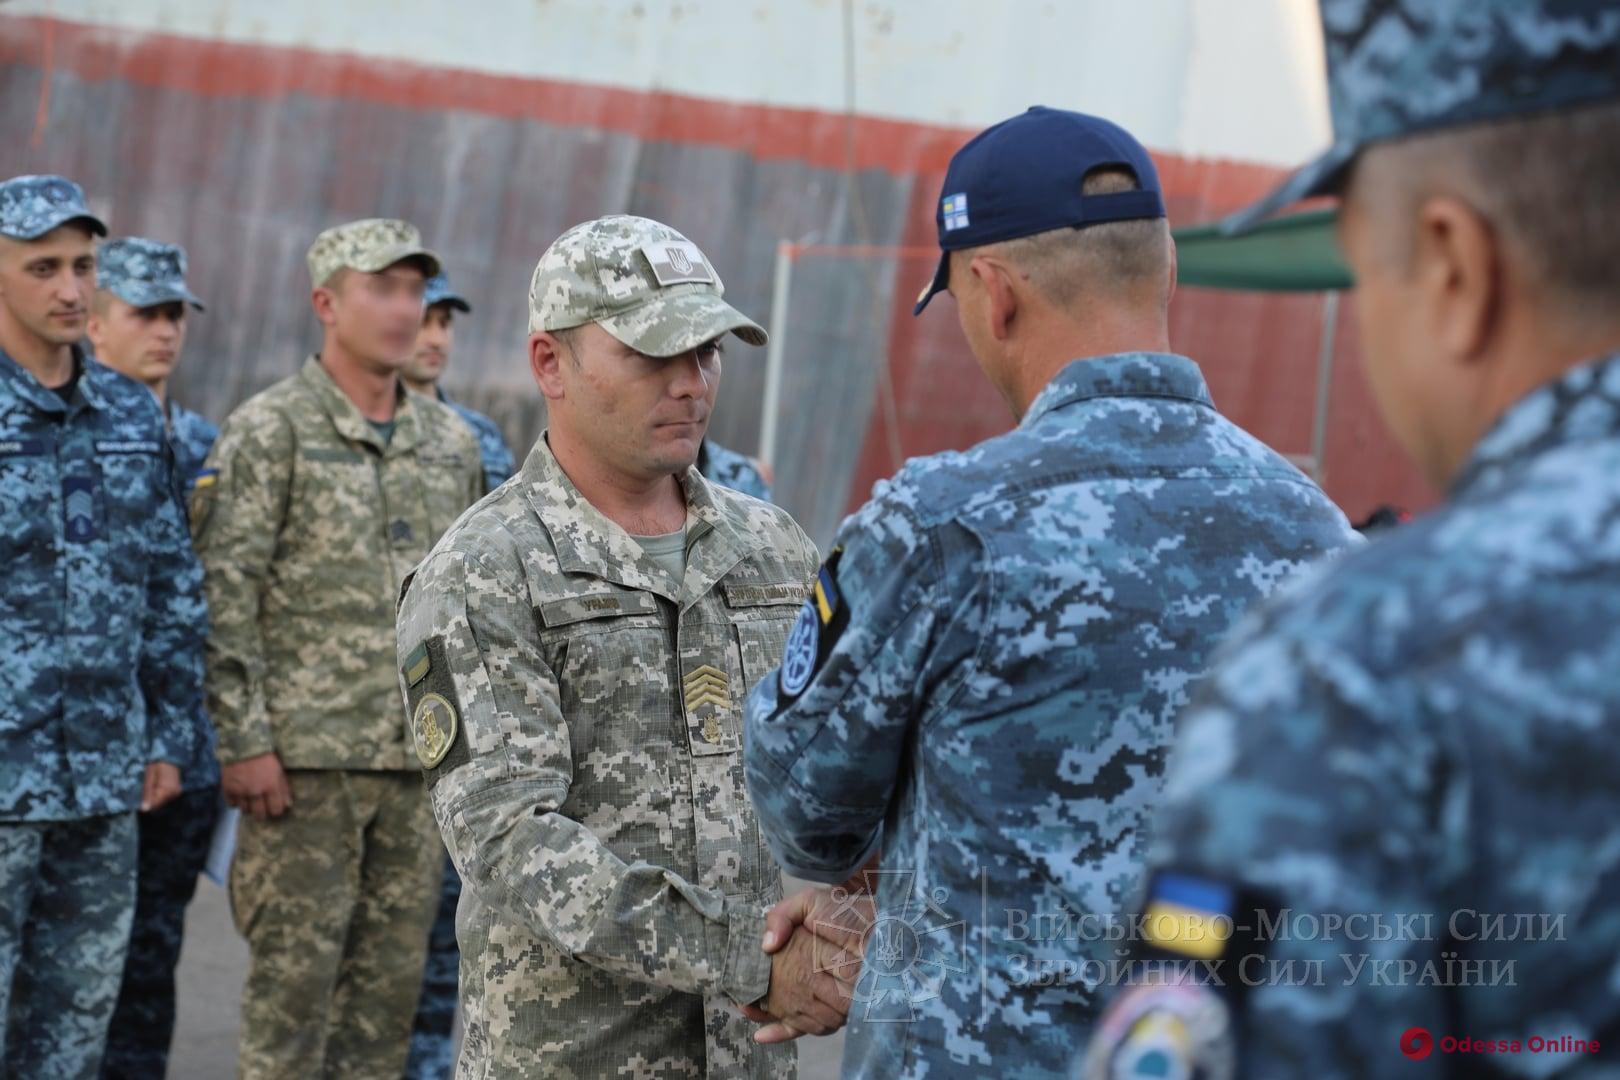 В Одессе состоялся выпуск инструкторов-водолазов ВМС (фото)